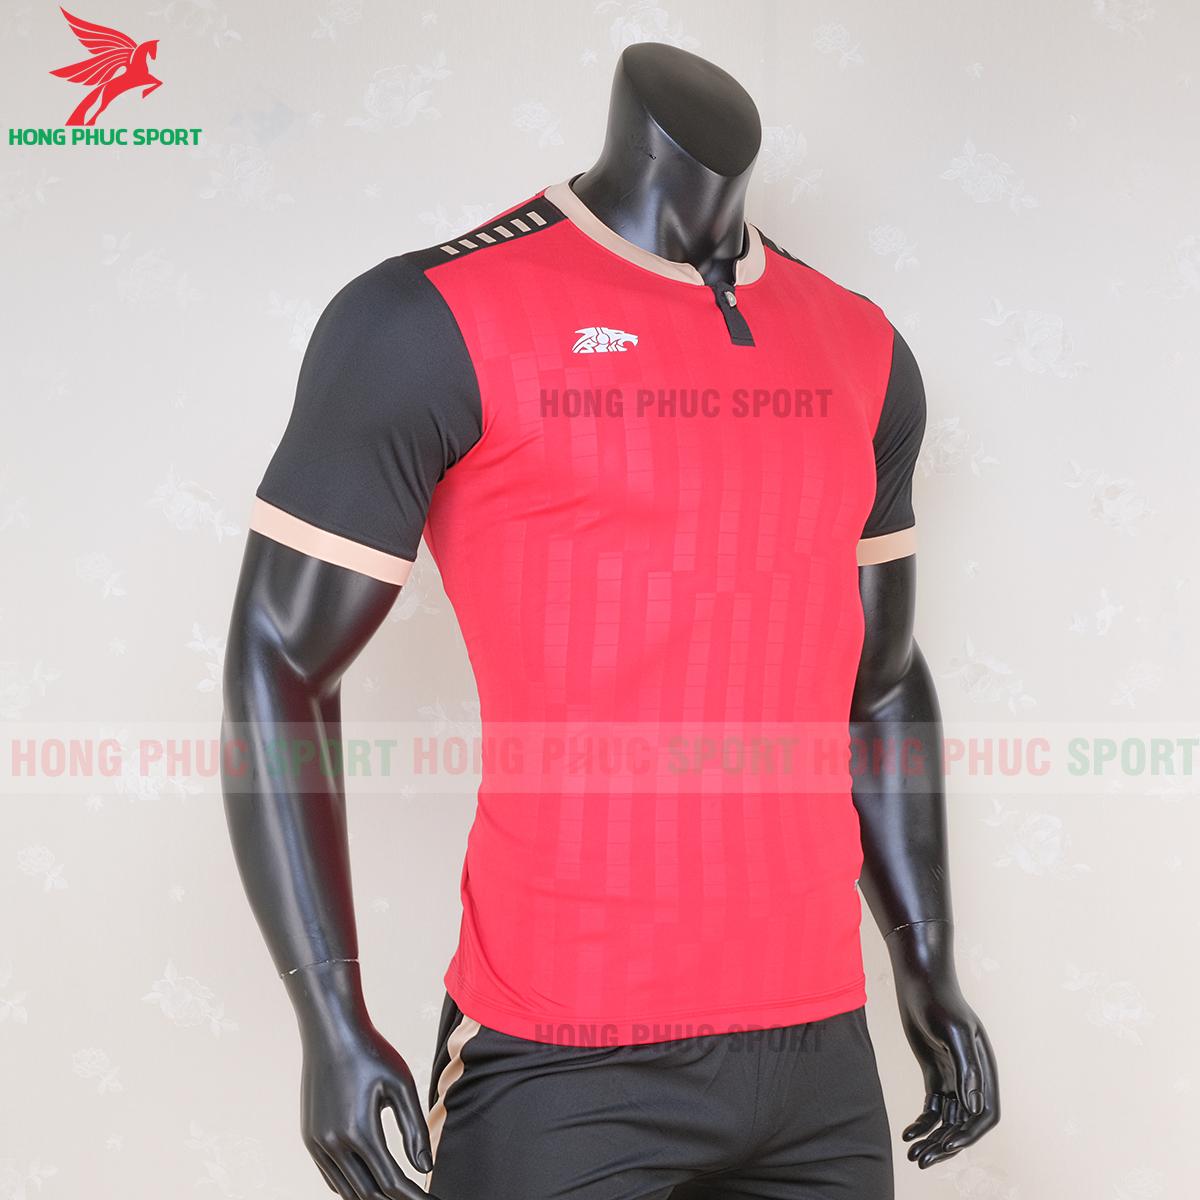 https://cdn.hongphucsport.com/unsafe/s4.shopbay.vn/files/285/ao-bong-da-khong-logo-riki-neck-mau-do-2-5f71ac2f7a037.png